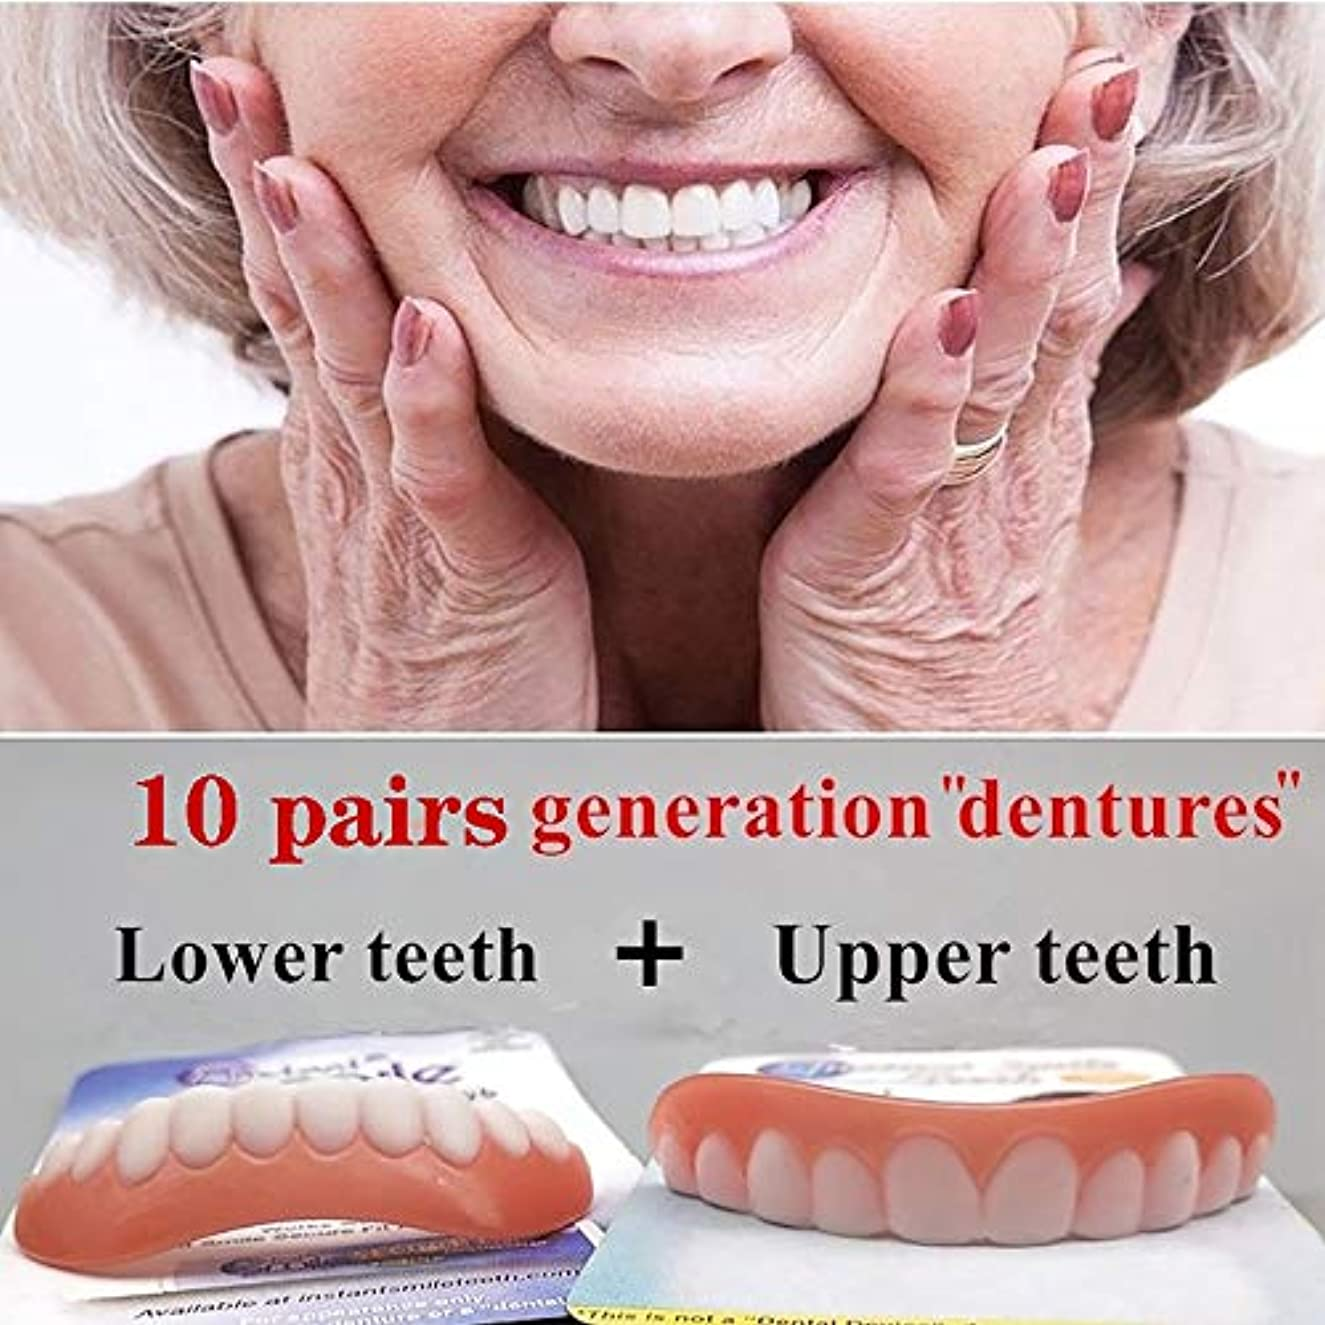 させるベッツィトロットウッド解釈10セットの歯の快適さフィットフレックス化粧品の歯義歯の歯のトップ化粧品のベニヤシミュレーションブレース新しい